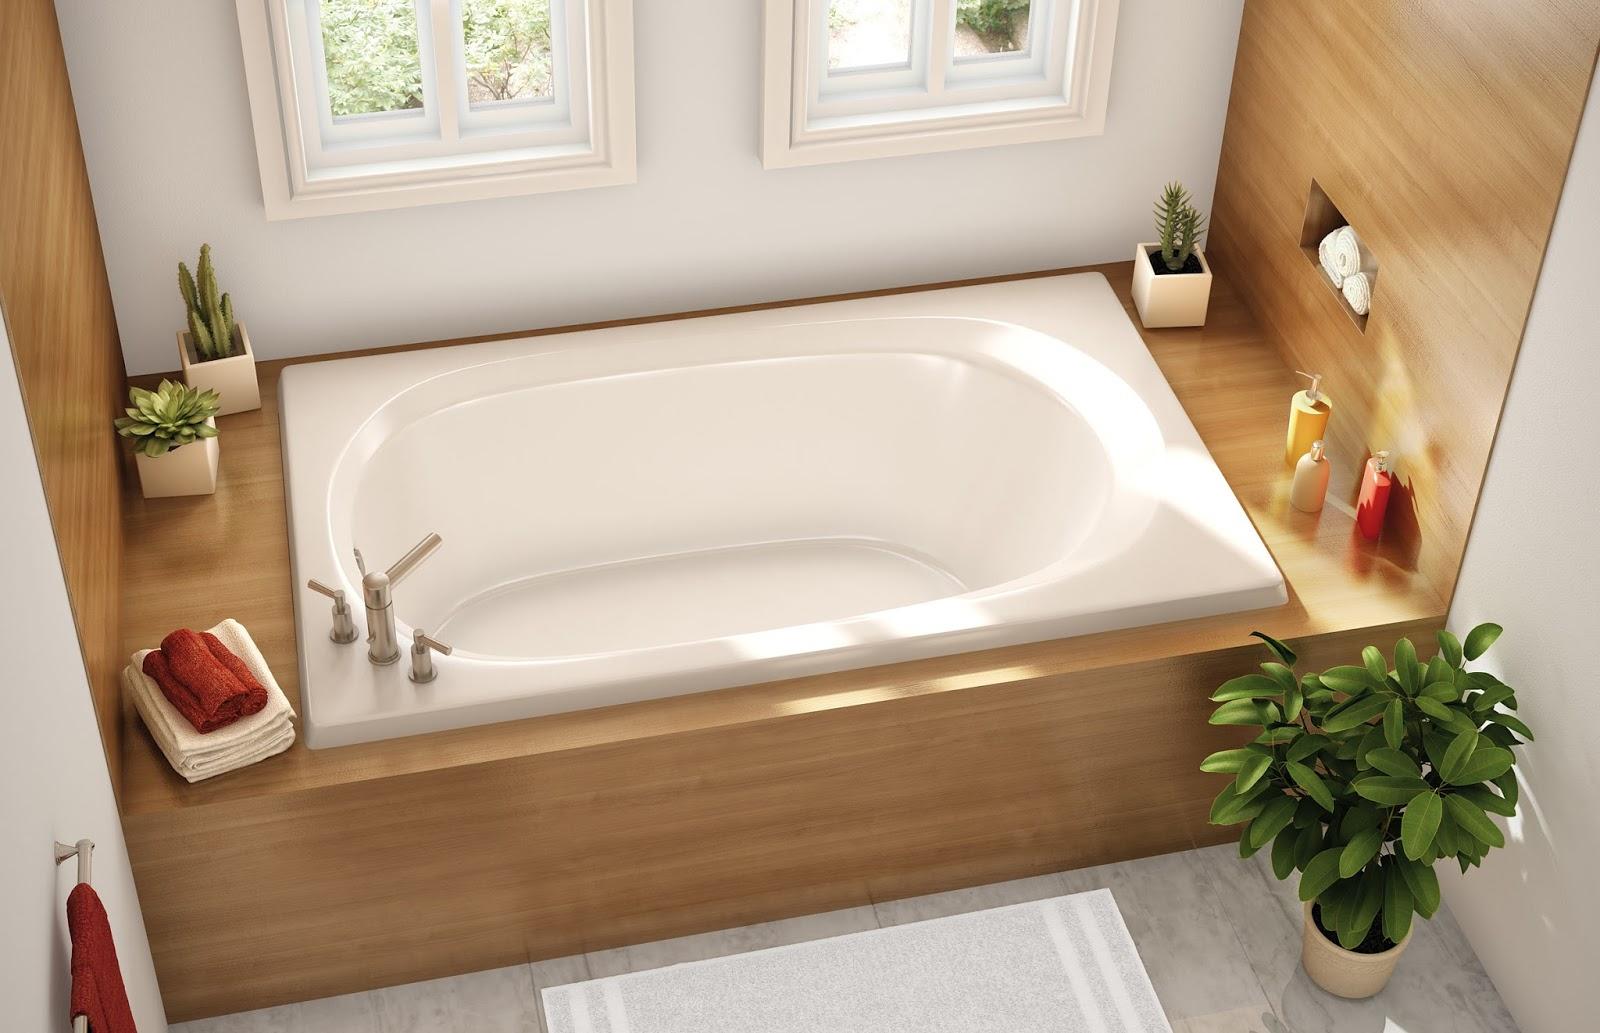 Bathroom Tubs! Home Decor